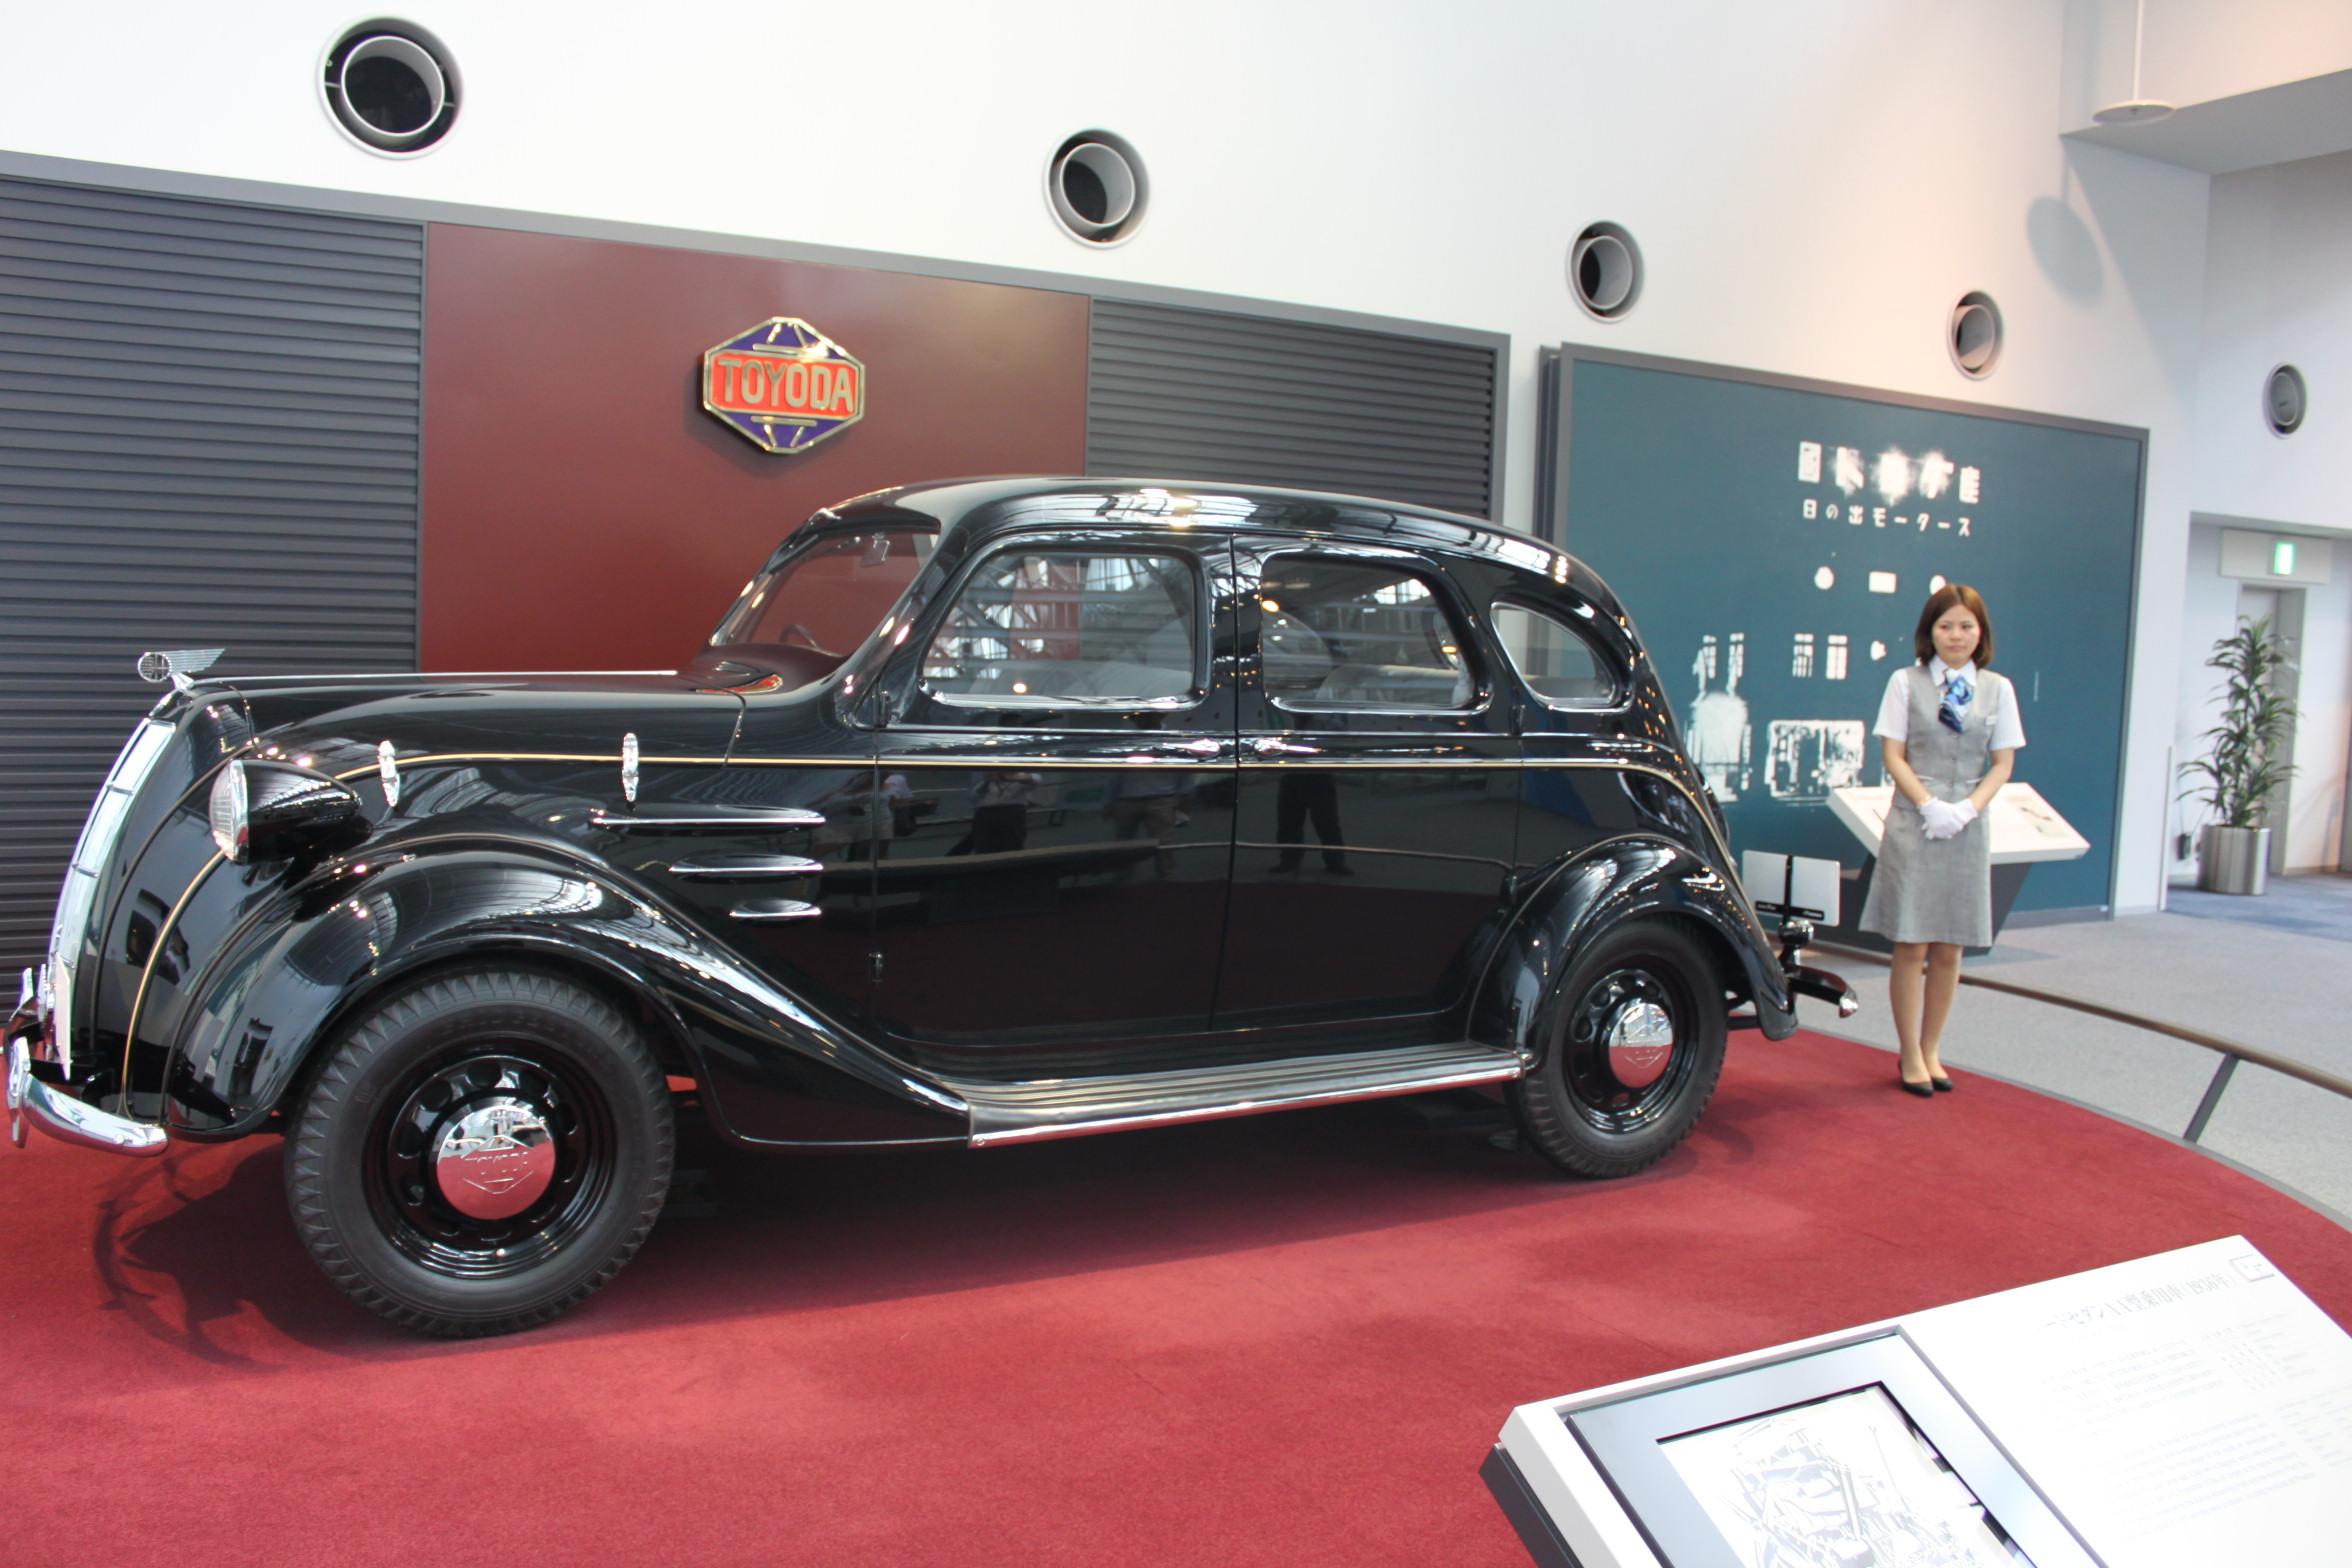 17 août 1937 - Fondation de la compagnie Toyota motors - L'Oie Blanche